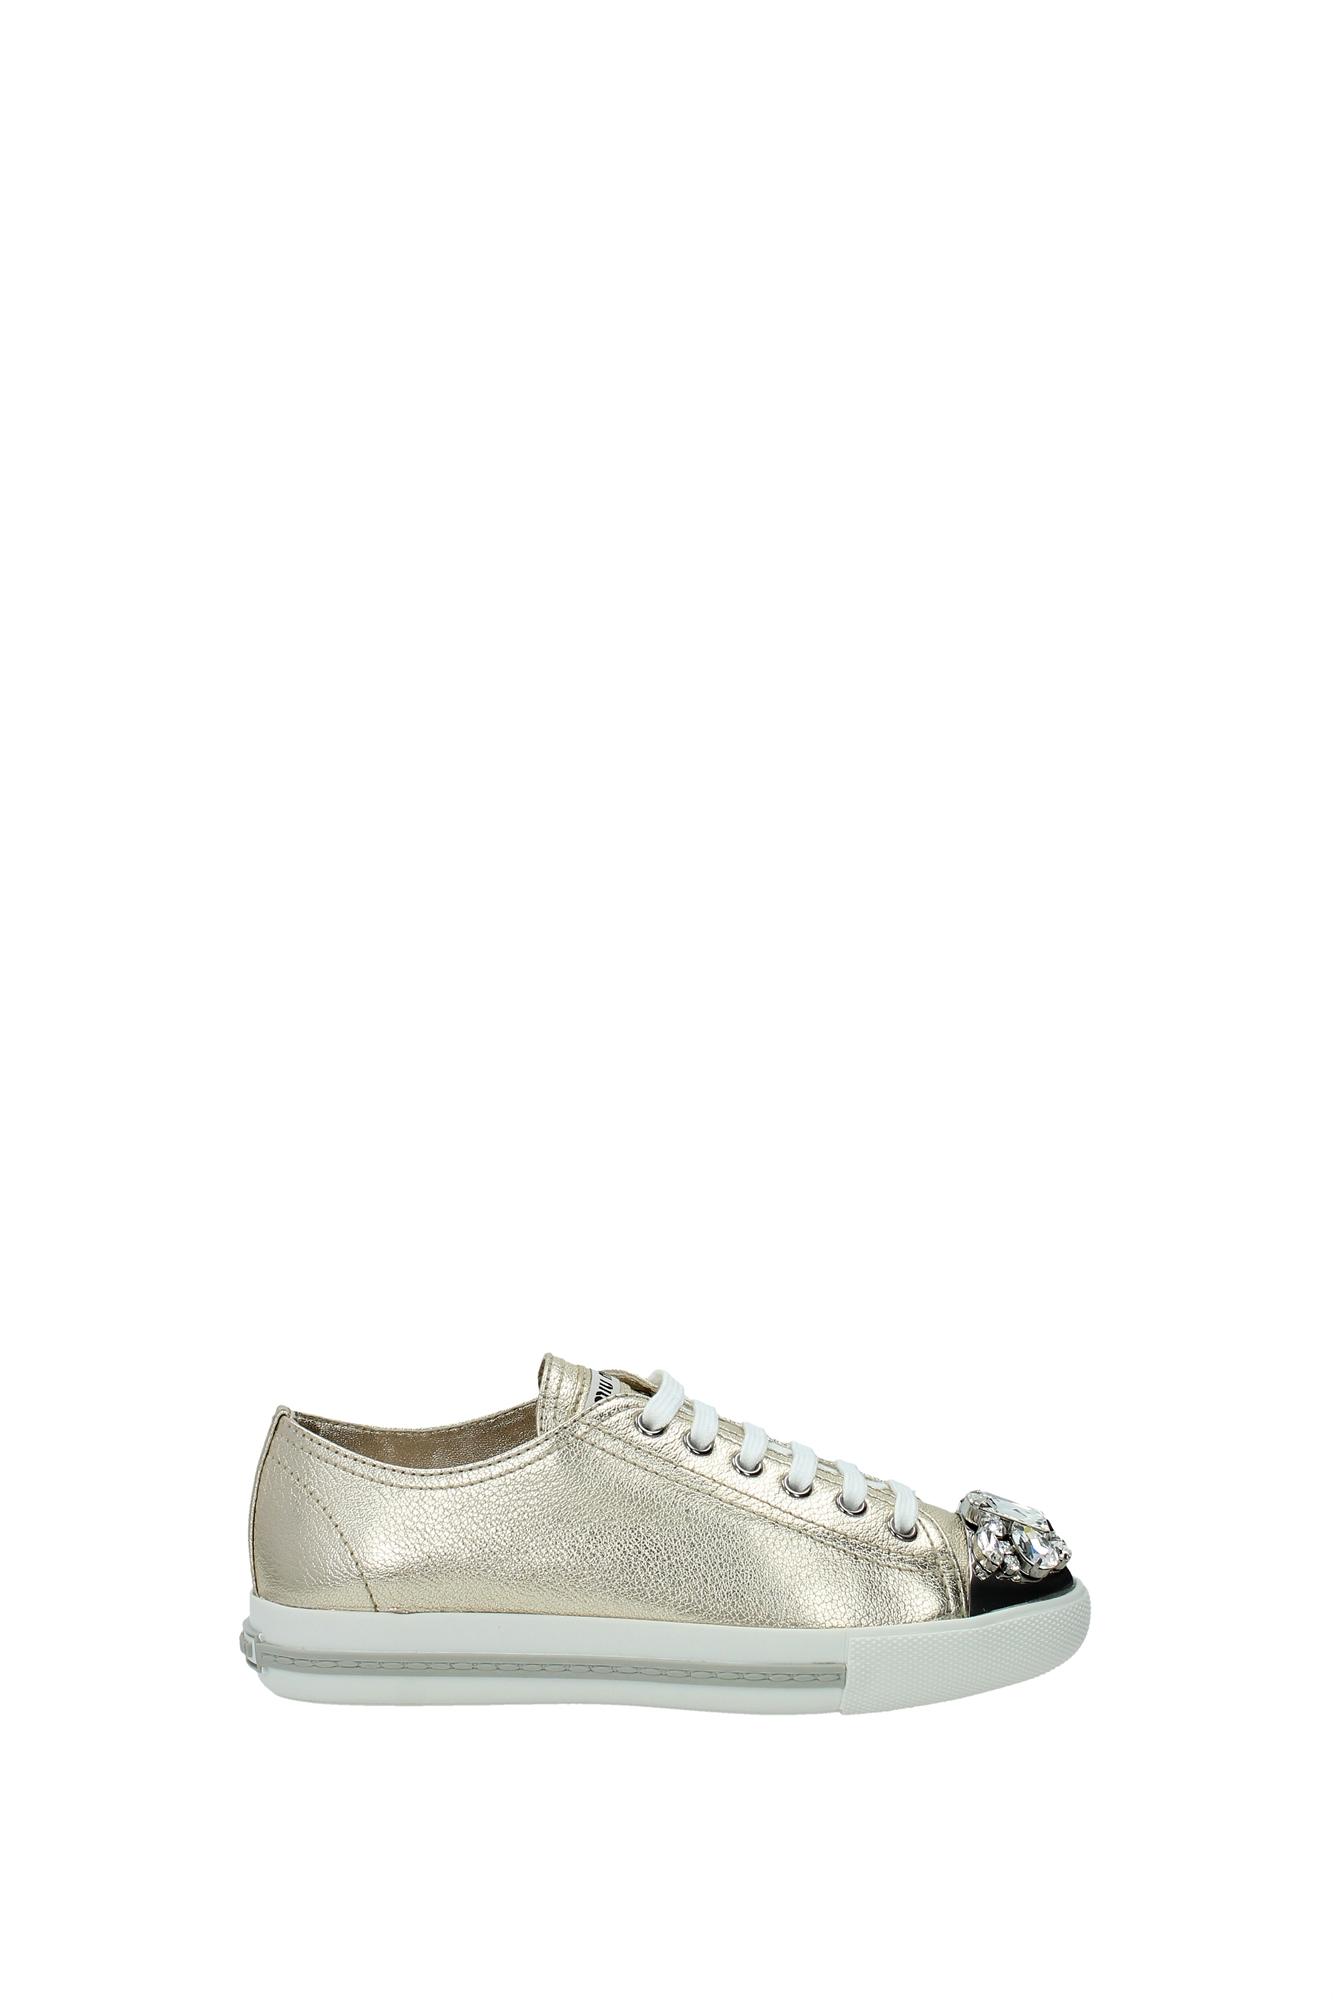 Sneakers Miu Miu Damen - (5E8557PIRITE)  (5E8557PIRITE) - 108bda